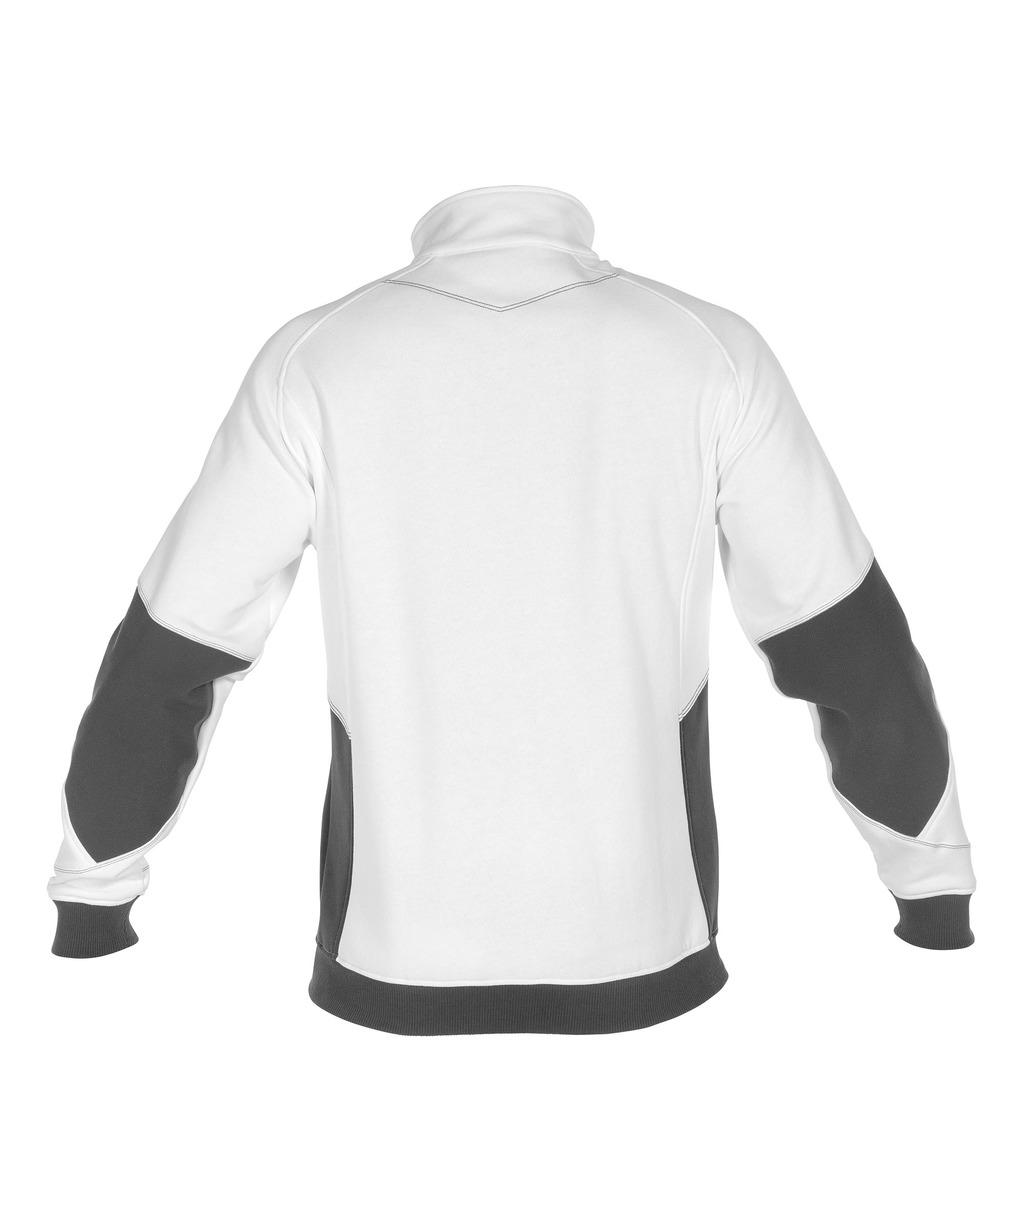 VELOX Sweater Schilder